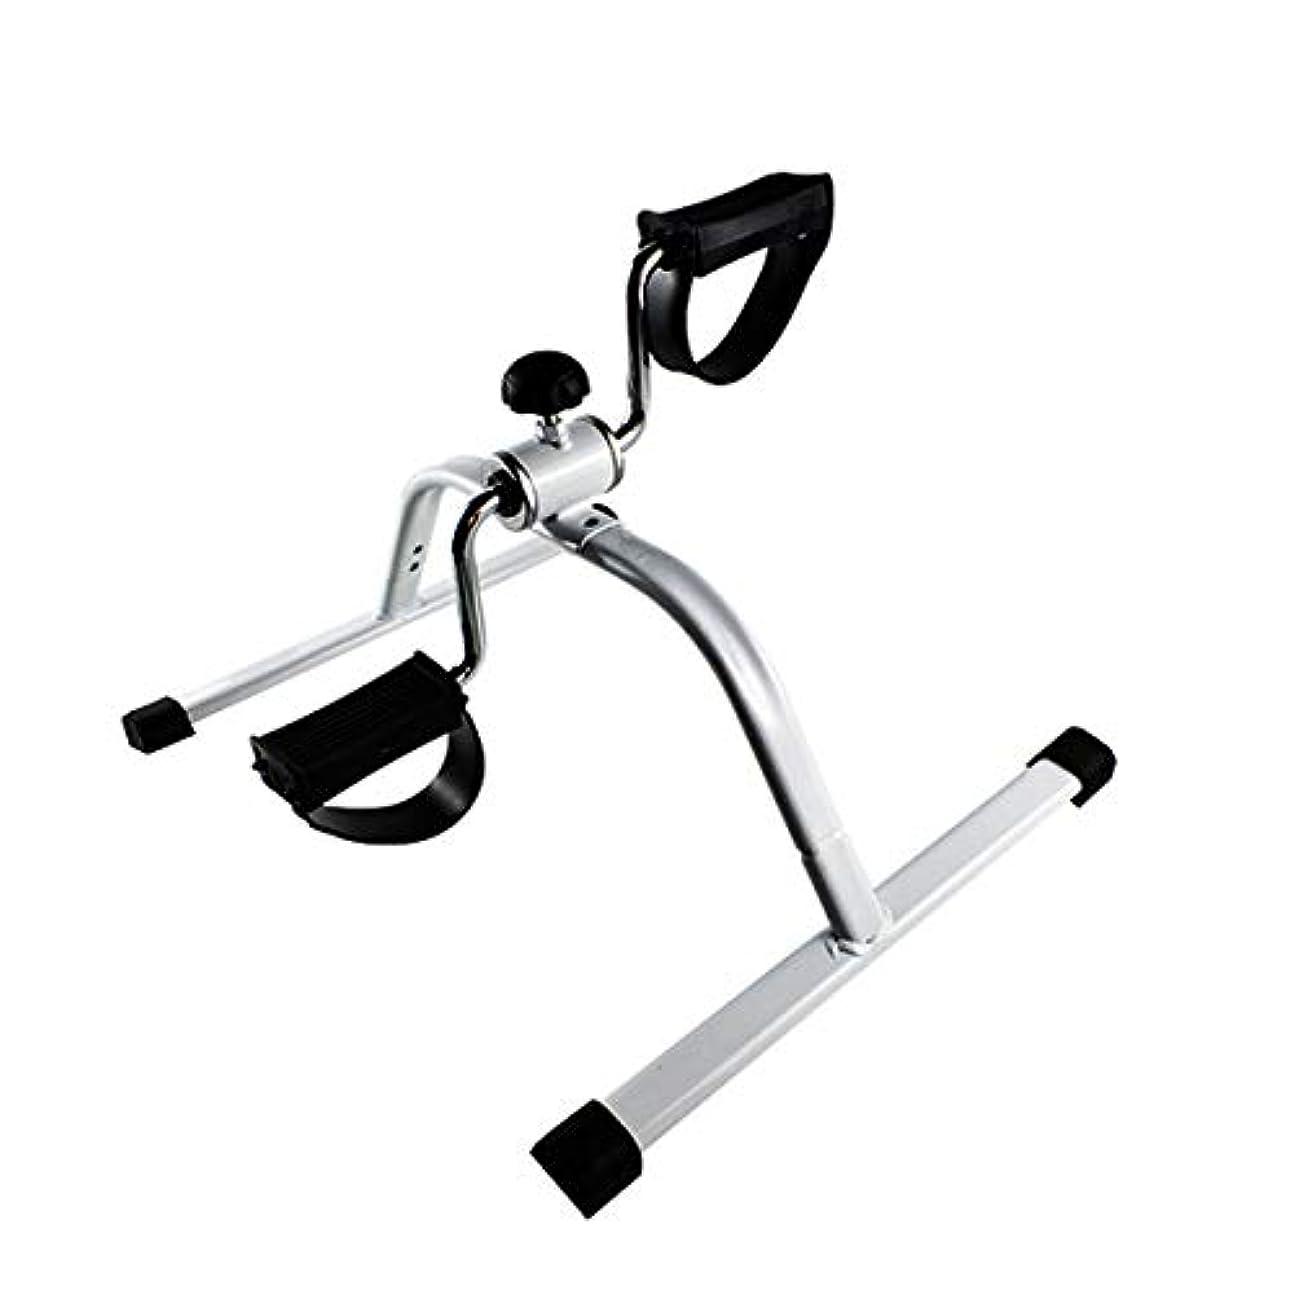 渦辞任する最小化する高齢者リハビリテーション訓練自転車、上肢および下肢のトレーニング機器、ホームレッグアームペダルエクササイザー、ホーム理学療法フィットネストレーニング,A